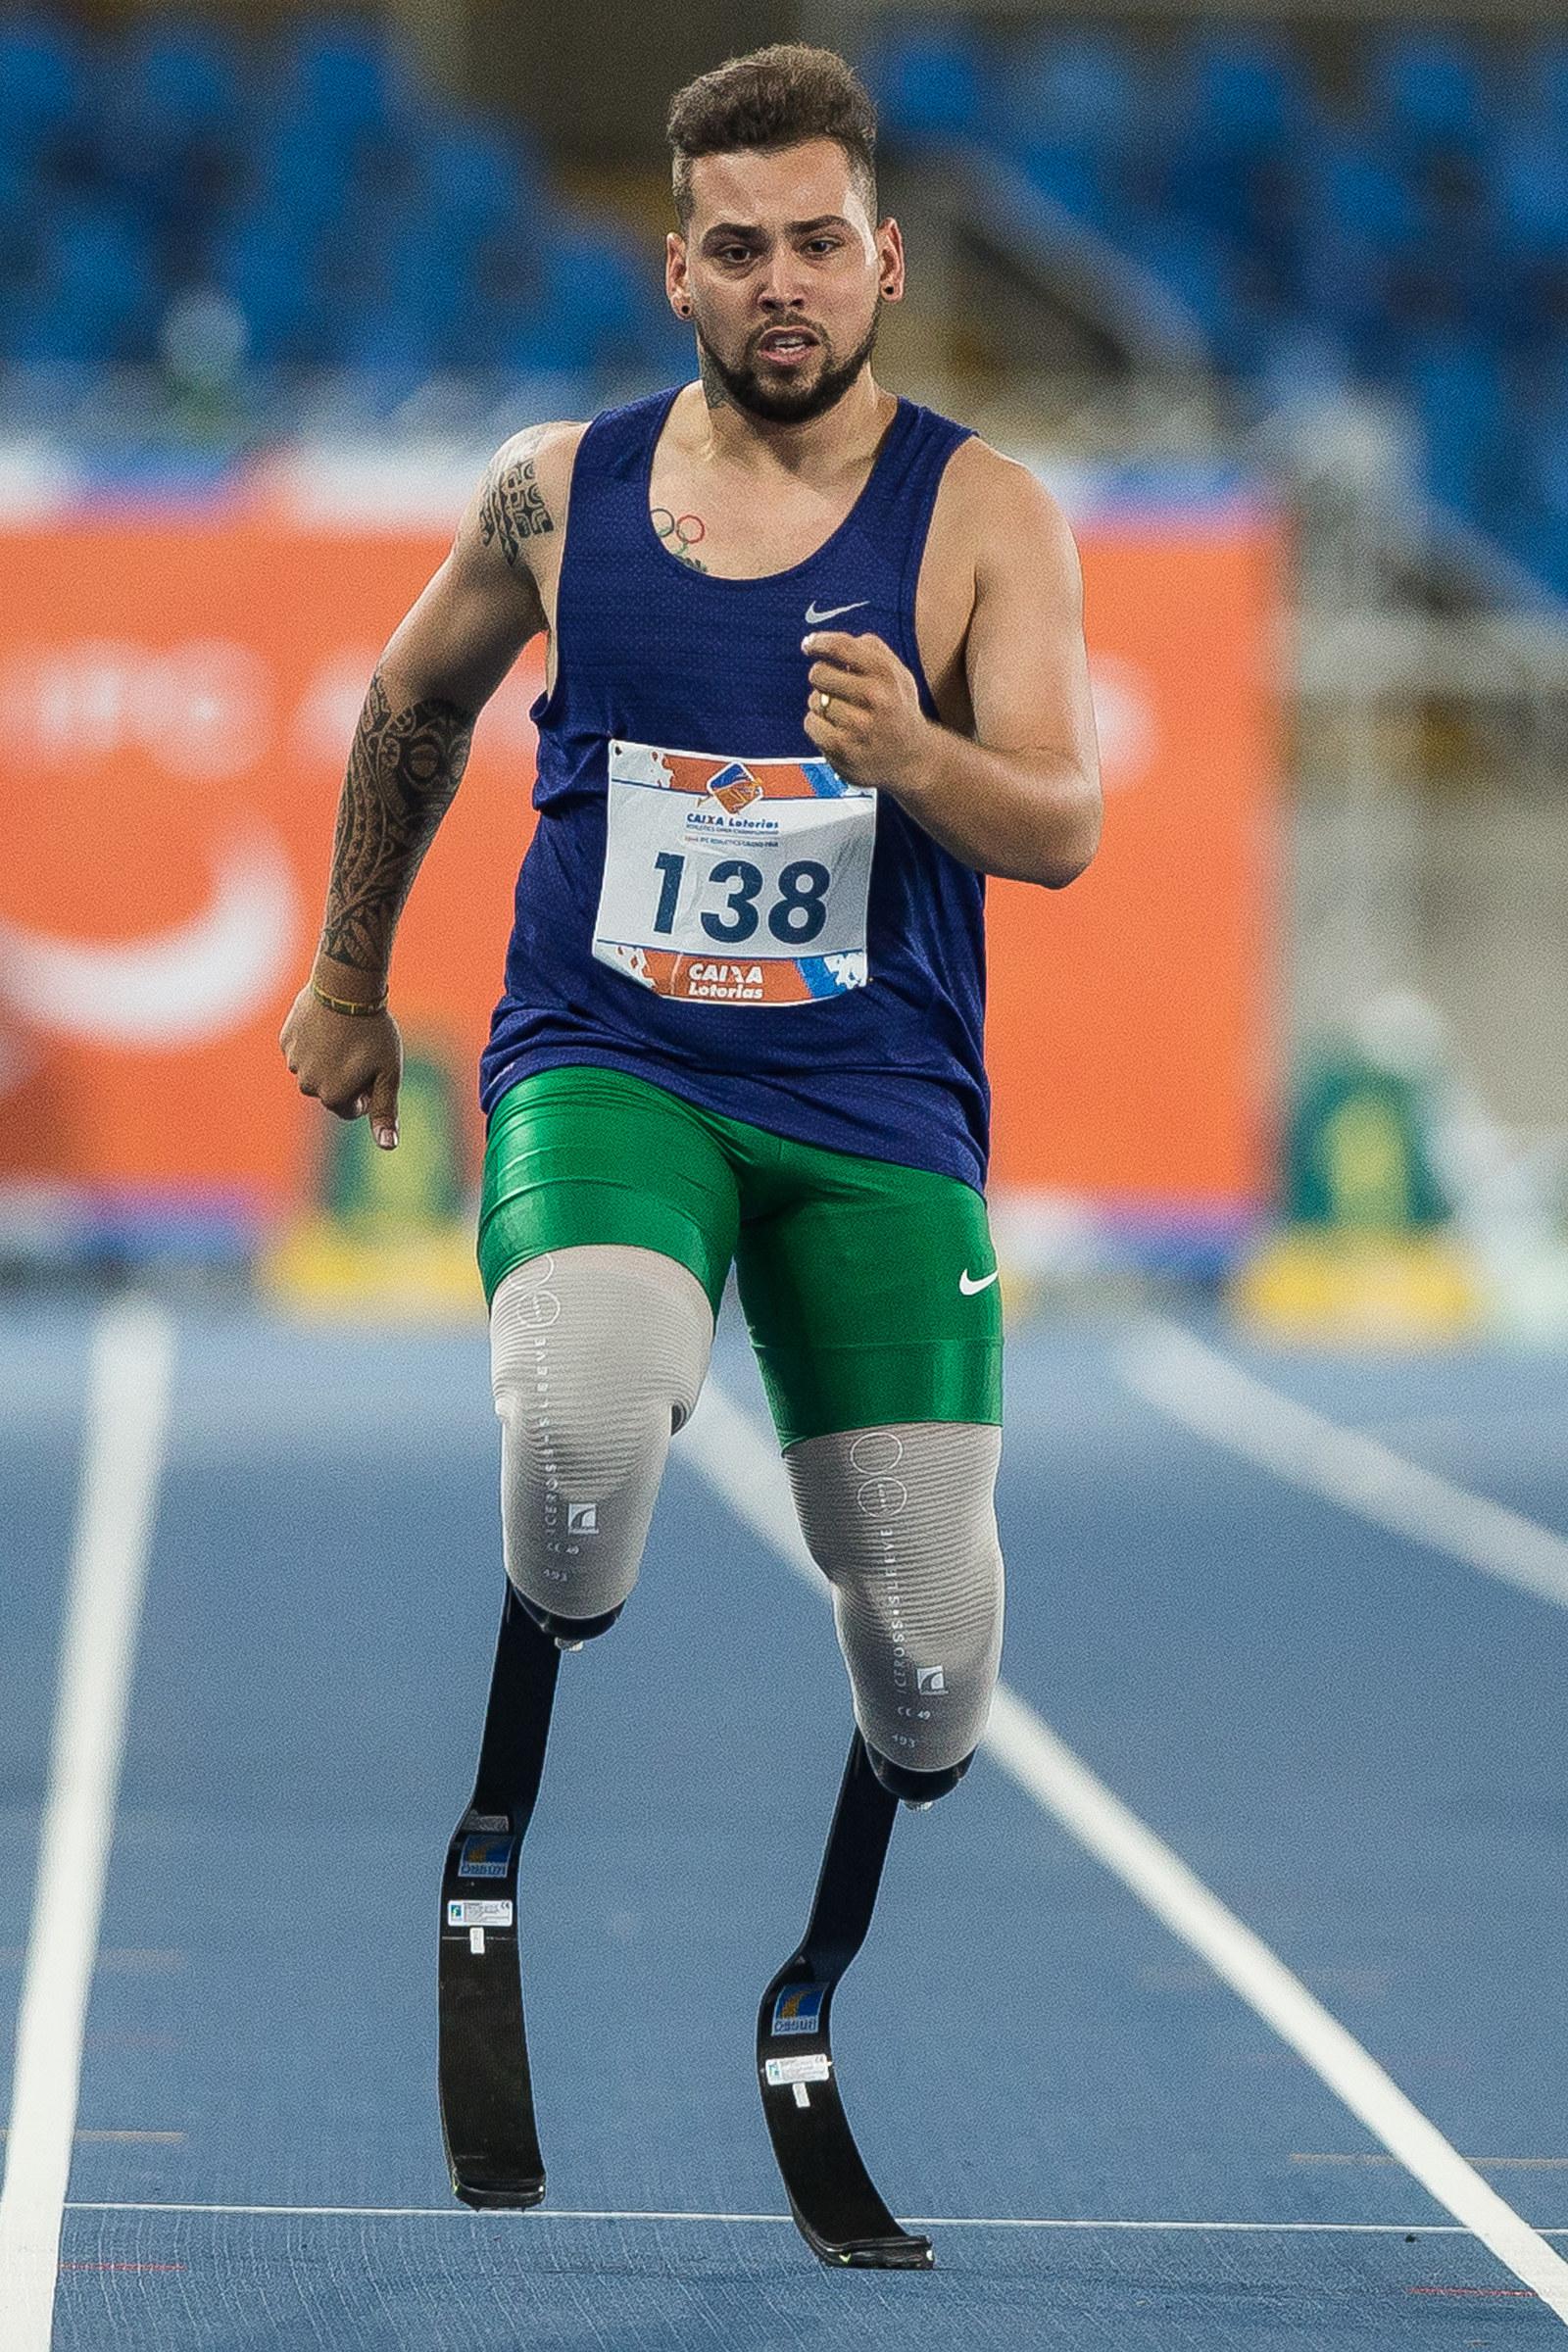 12 coisas que você talvez não saiba sobre os atletas da Paralimpíada